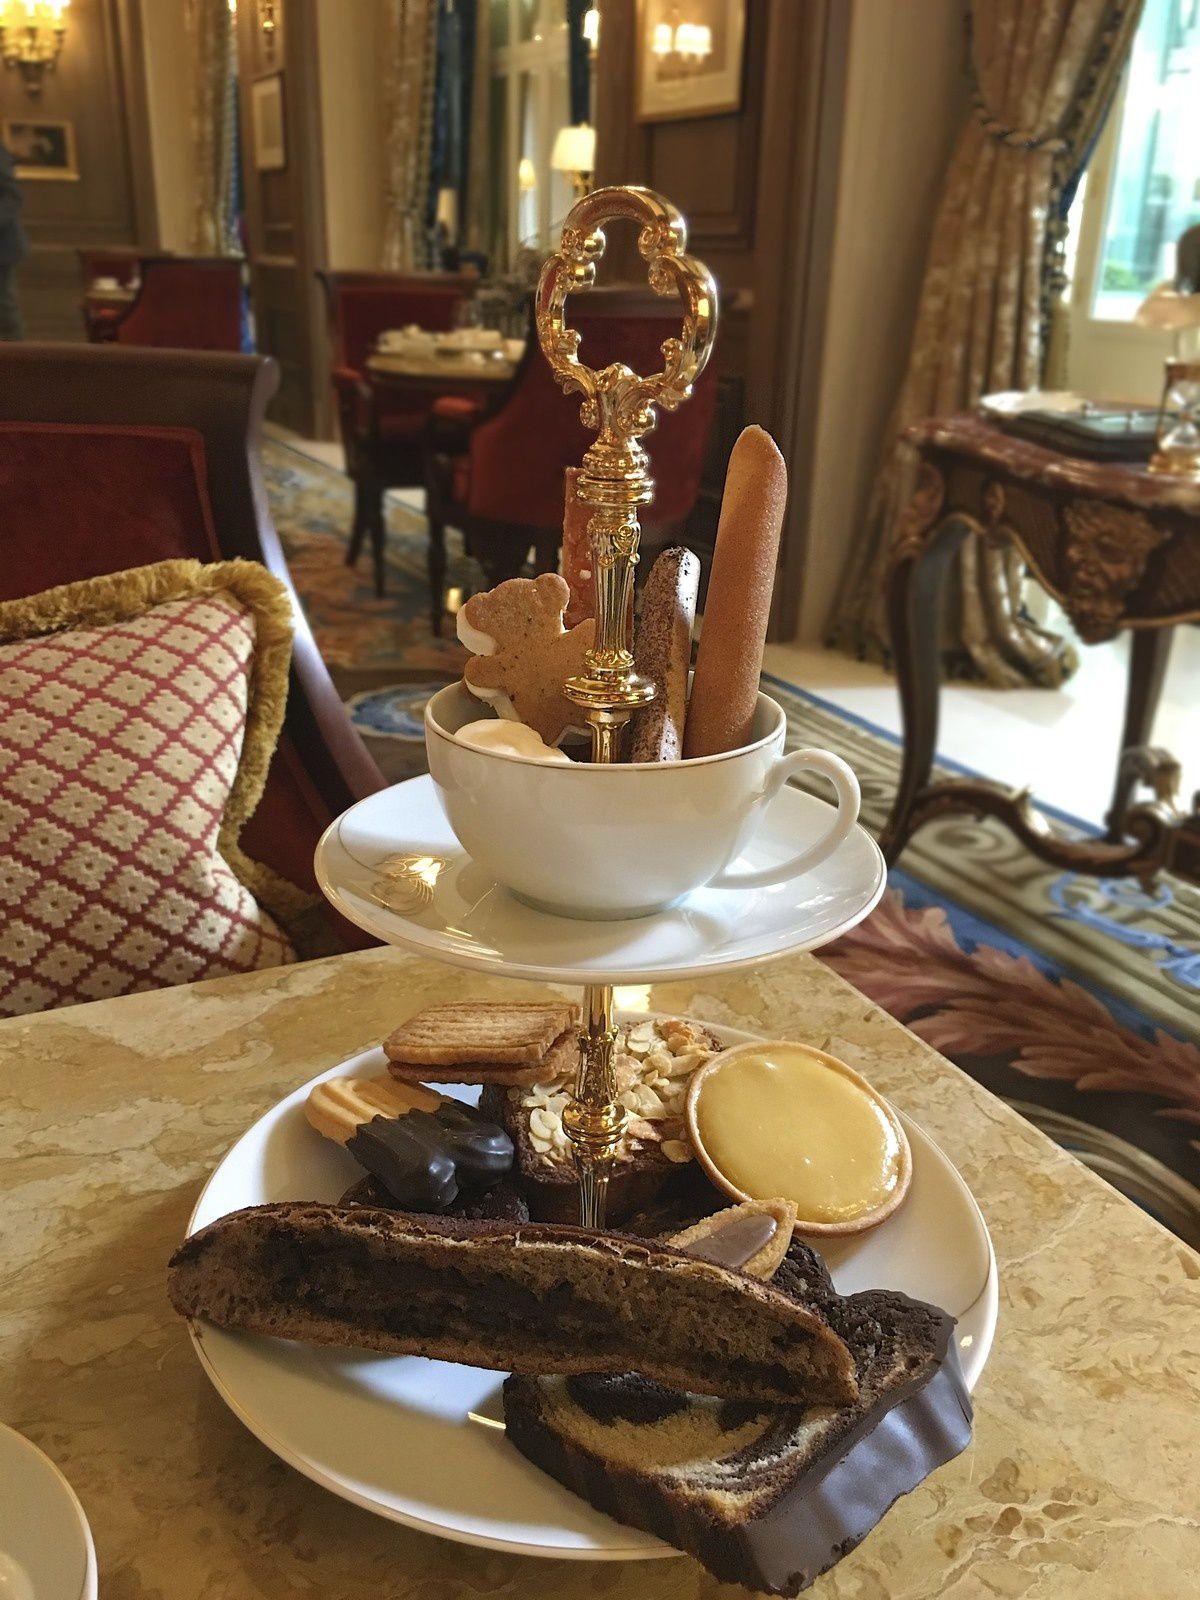 Un assortiment généreux de petits fours et de gâteaux du voyage pour 1 personne !